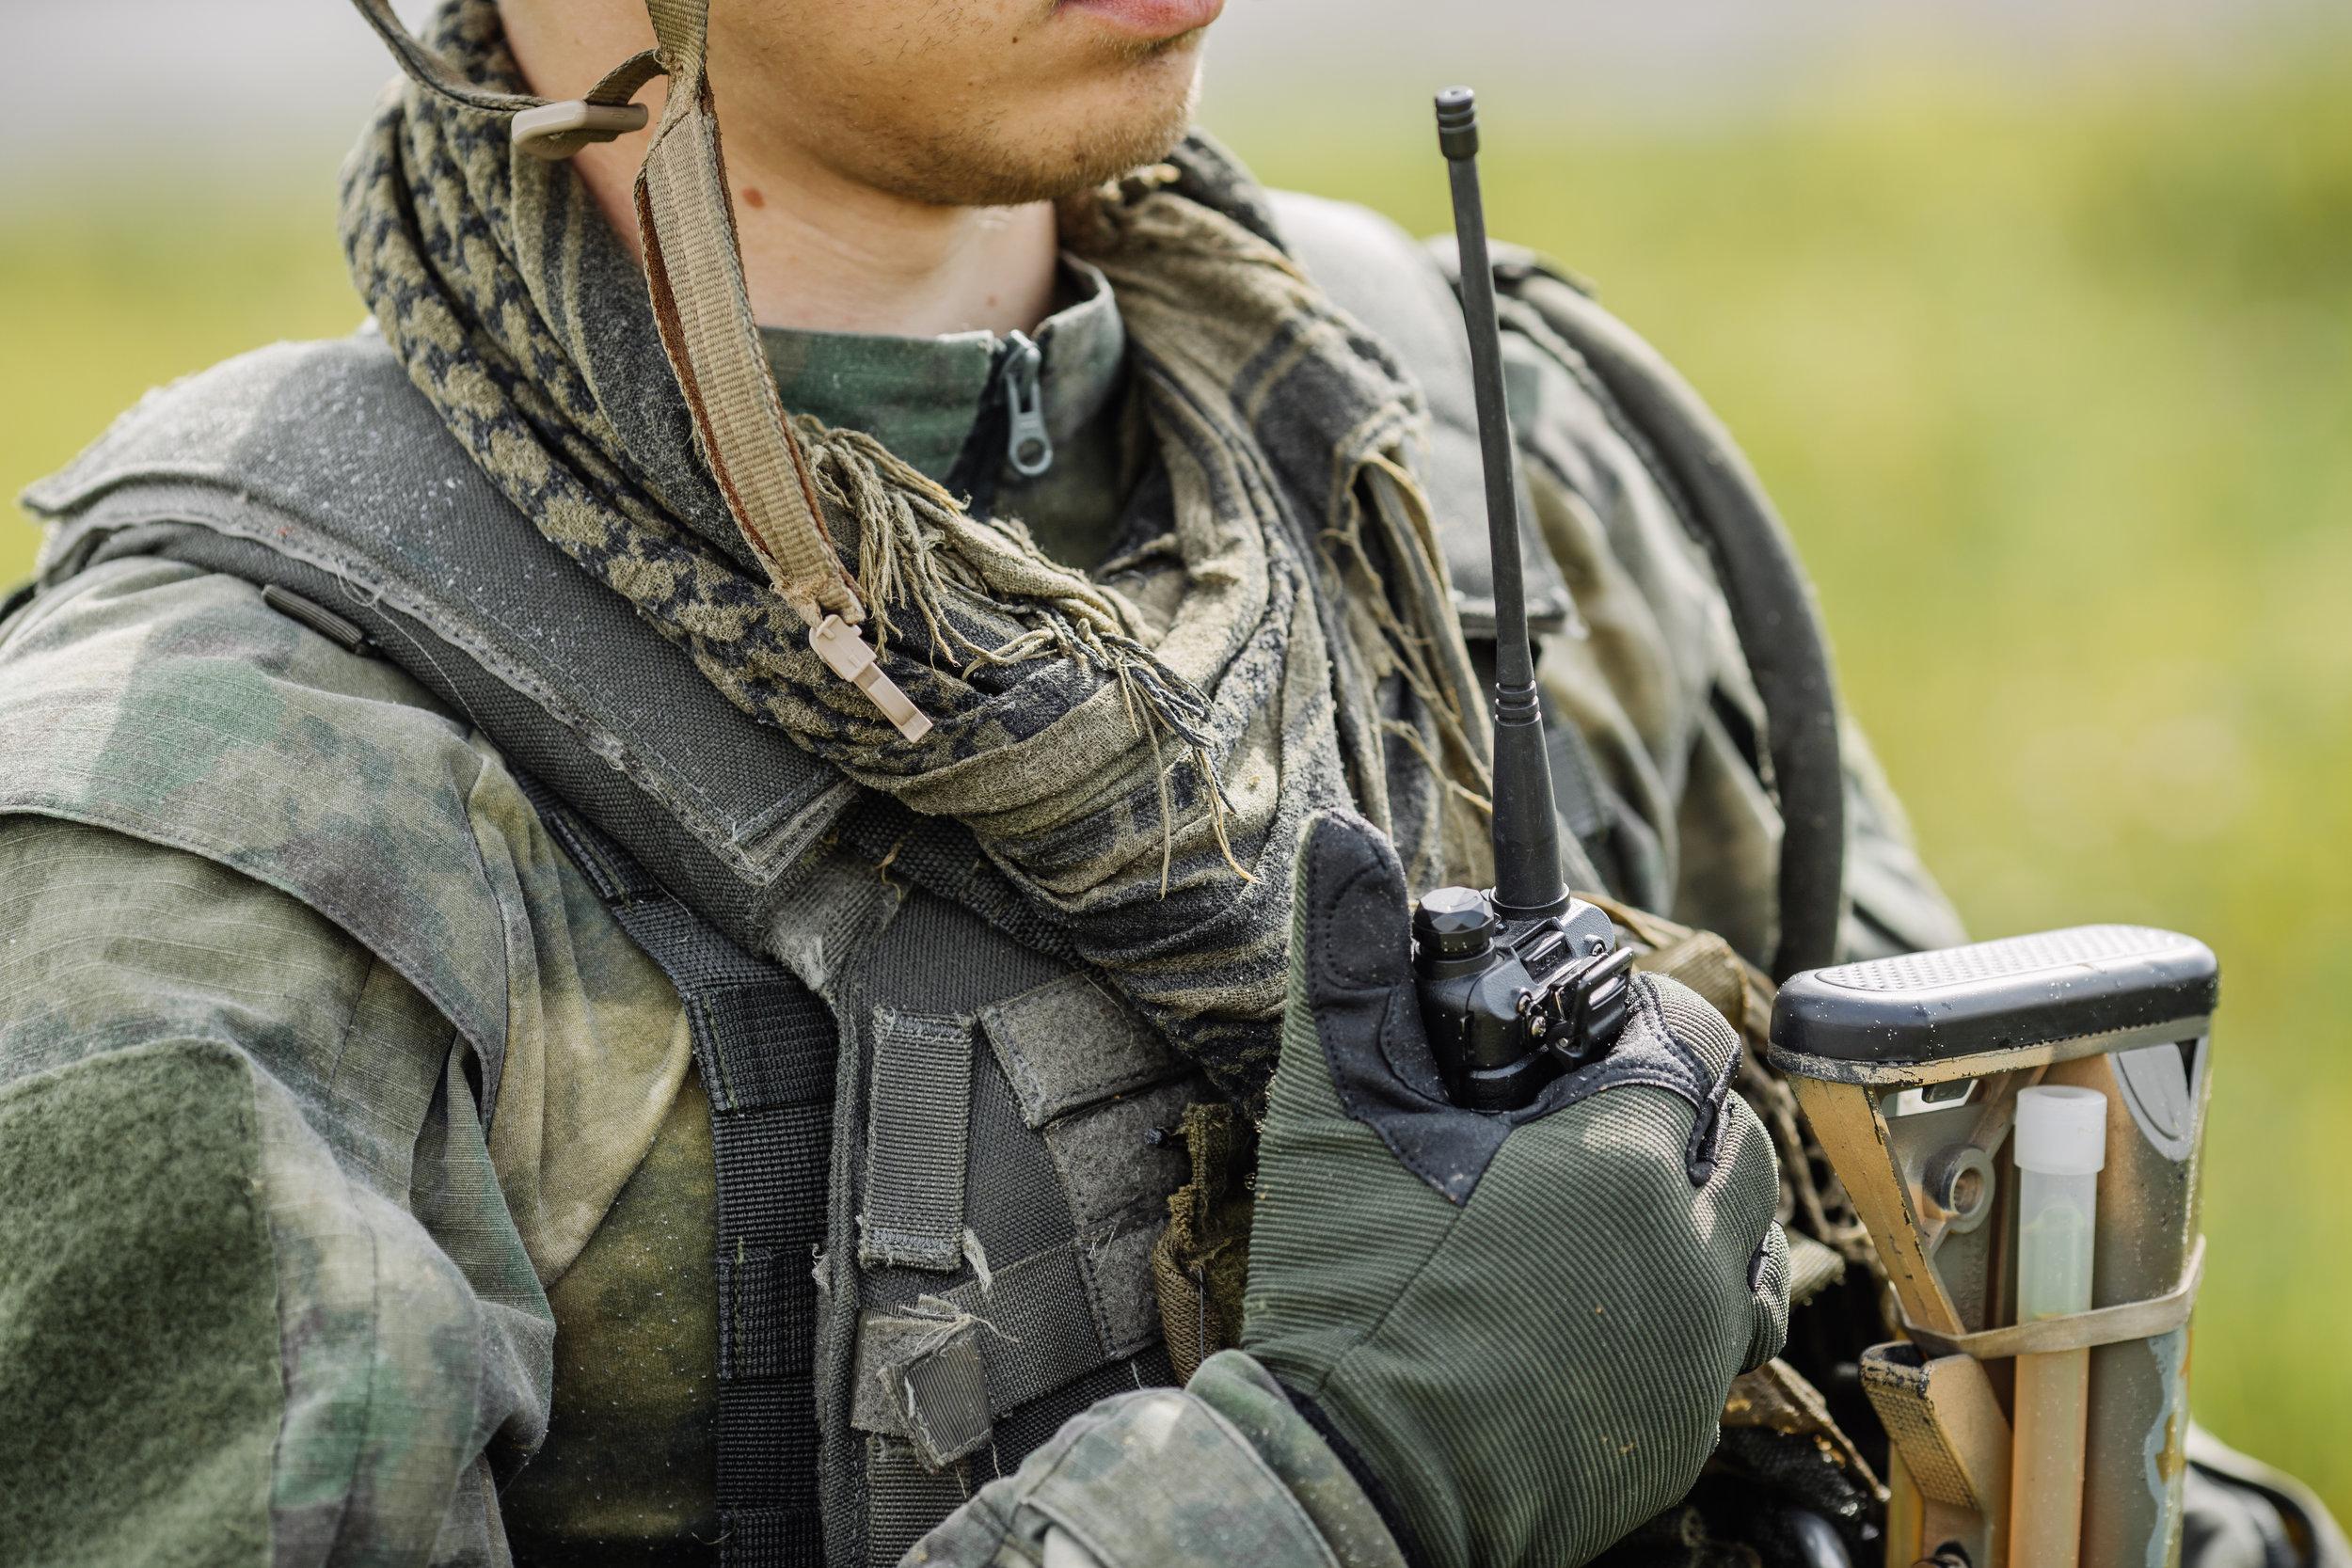 Kehitettyä tuotetta käytetään maanpuolustuksessa kommunikaation päätelaitteena